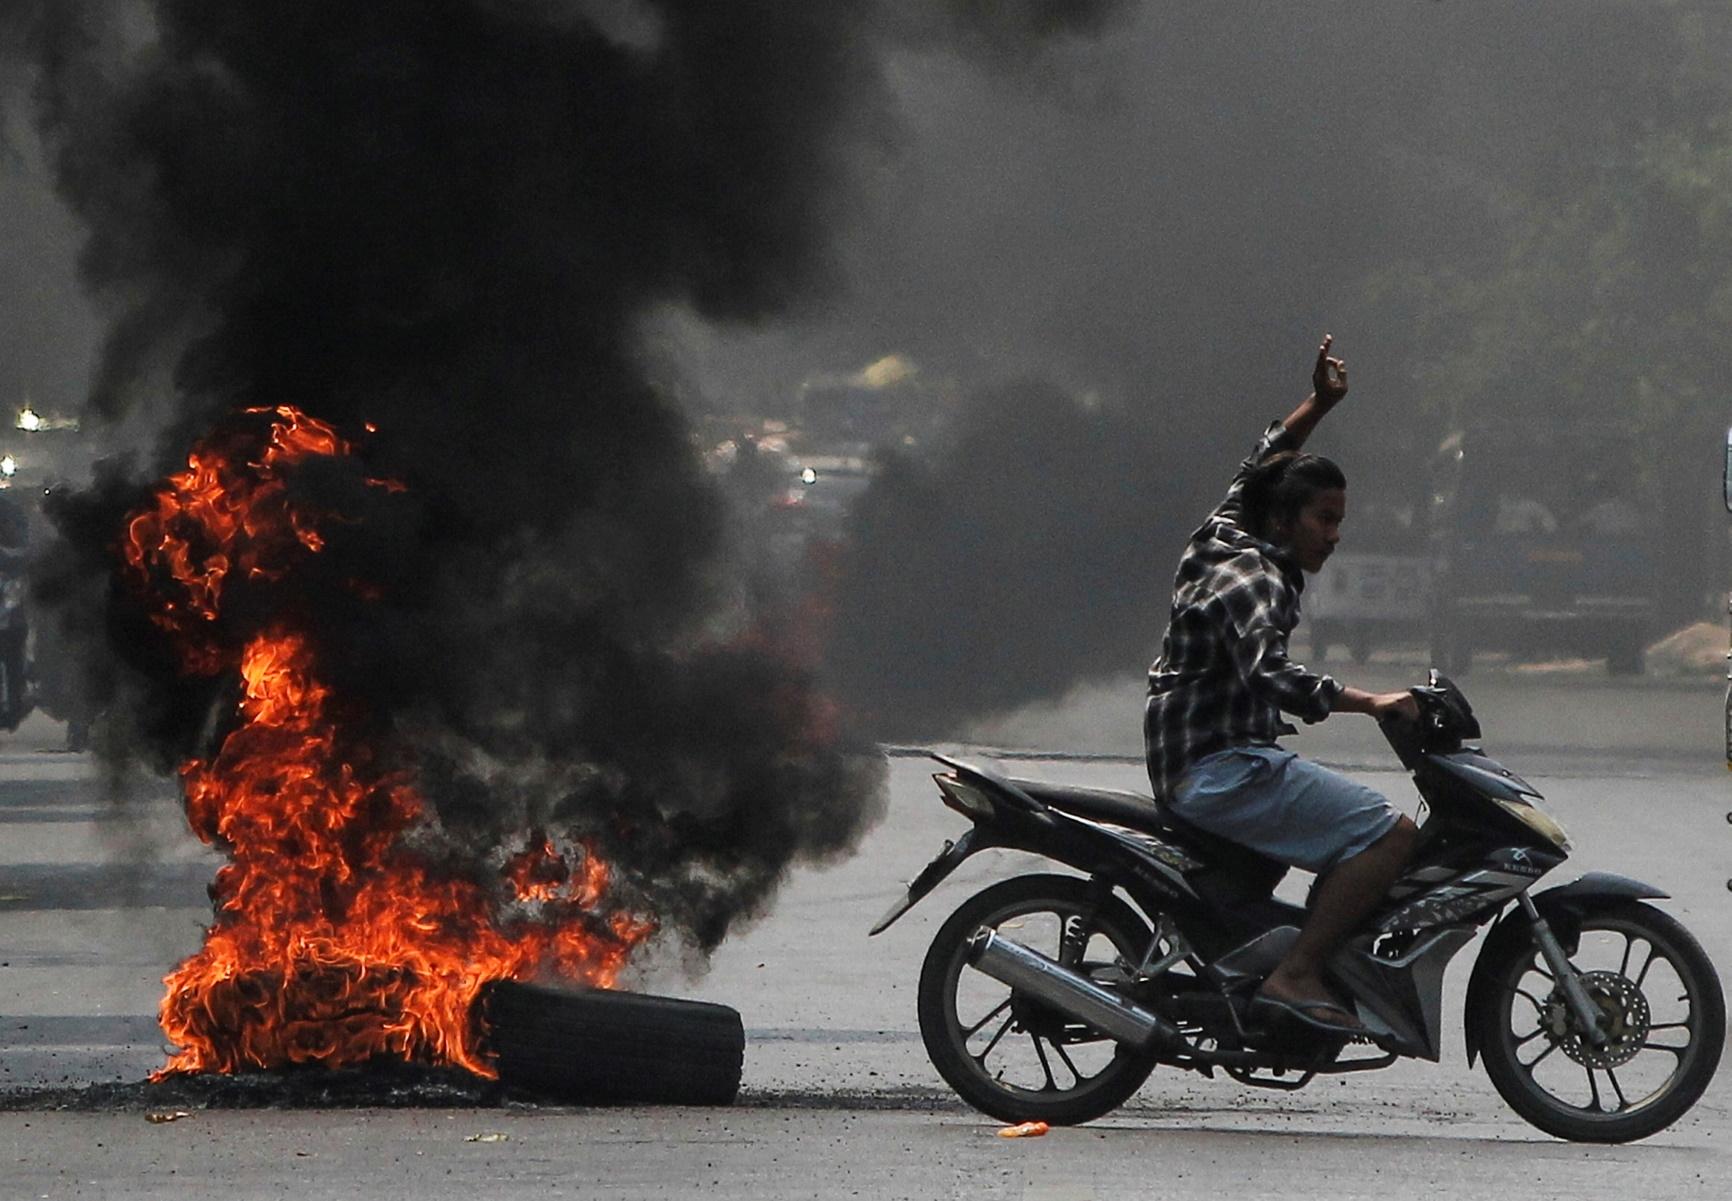 Μιανμάρ: «Η χούντα χάνει τον έλεγχο» – Νέες ογκώδεις διαδηλώσεις παρά τη βία και τρομοκρατία (pics)